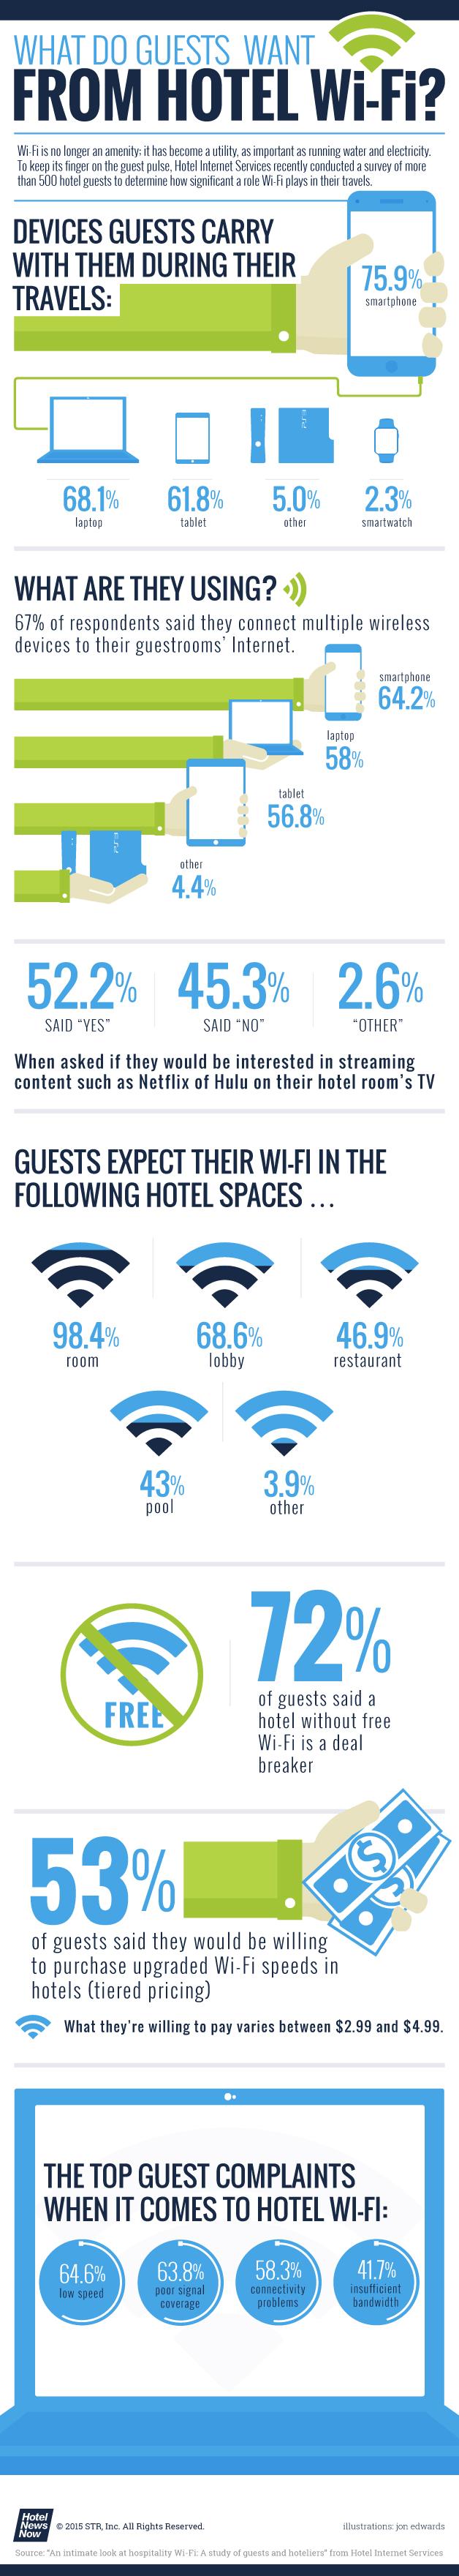 hotel wi-fi statistiche